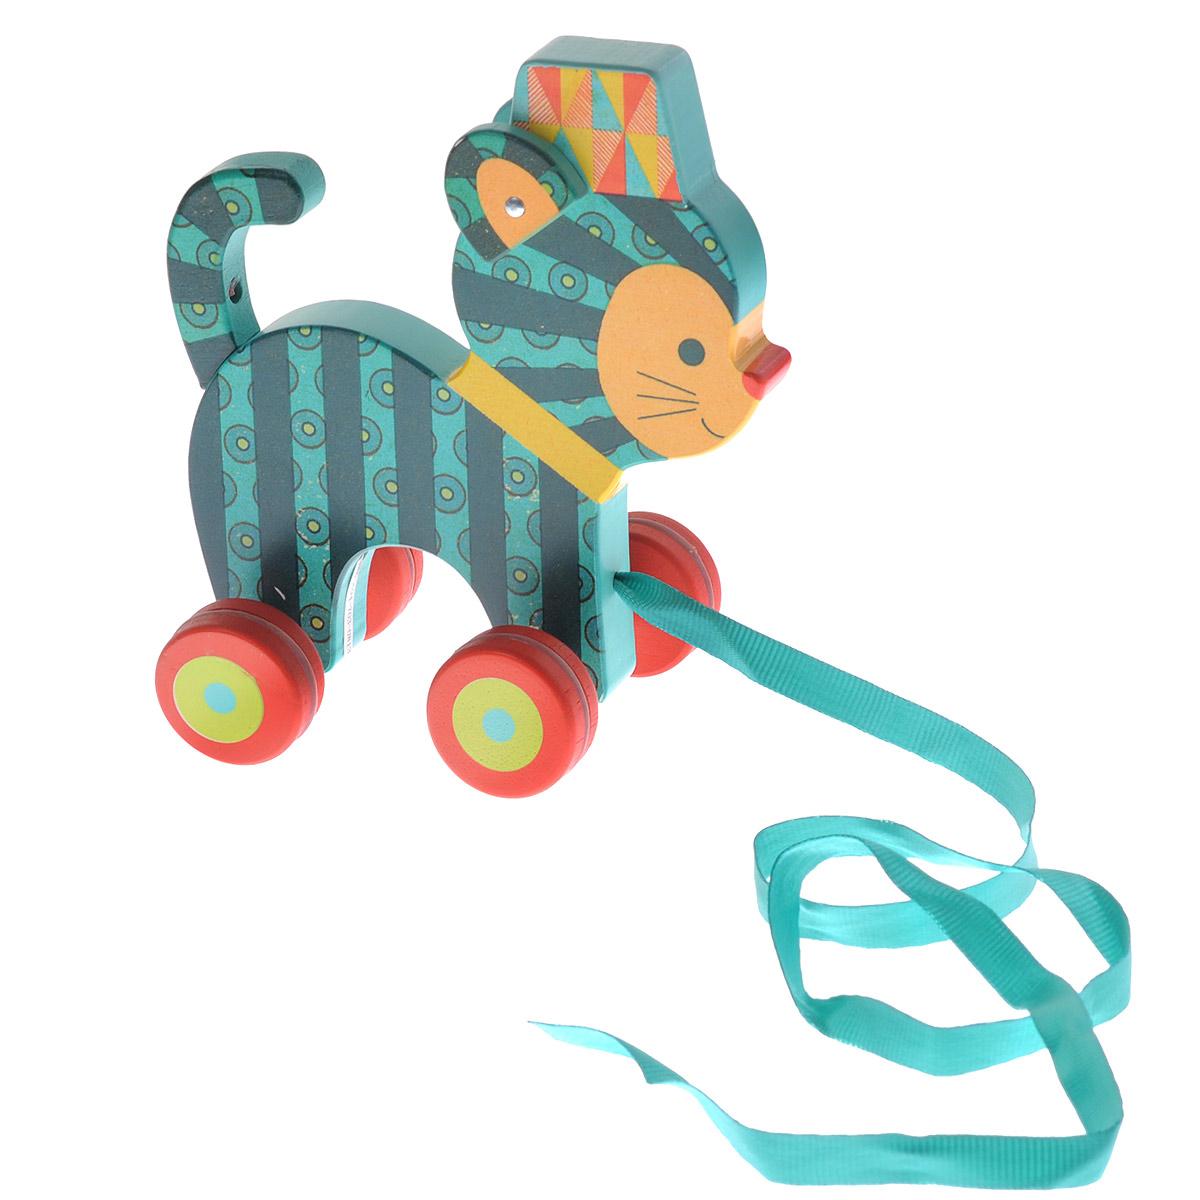 Djeco Деревянная игрушка-каталка Кот Ину купить акиту ину от японских родителей